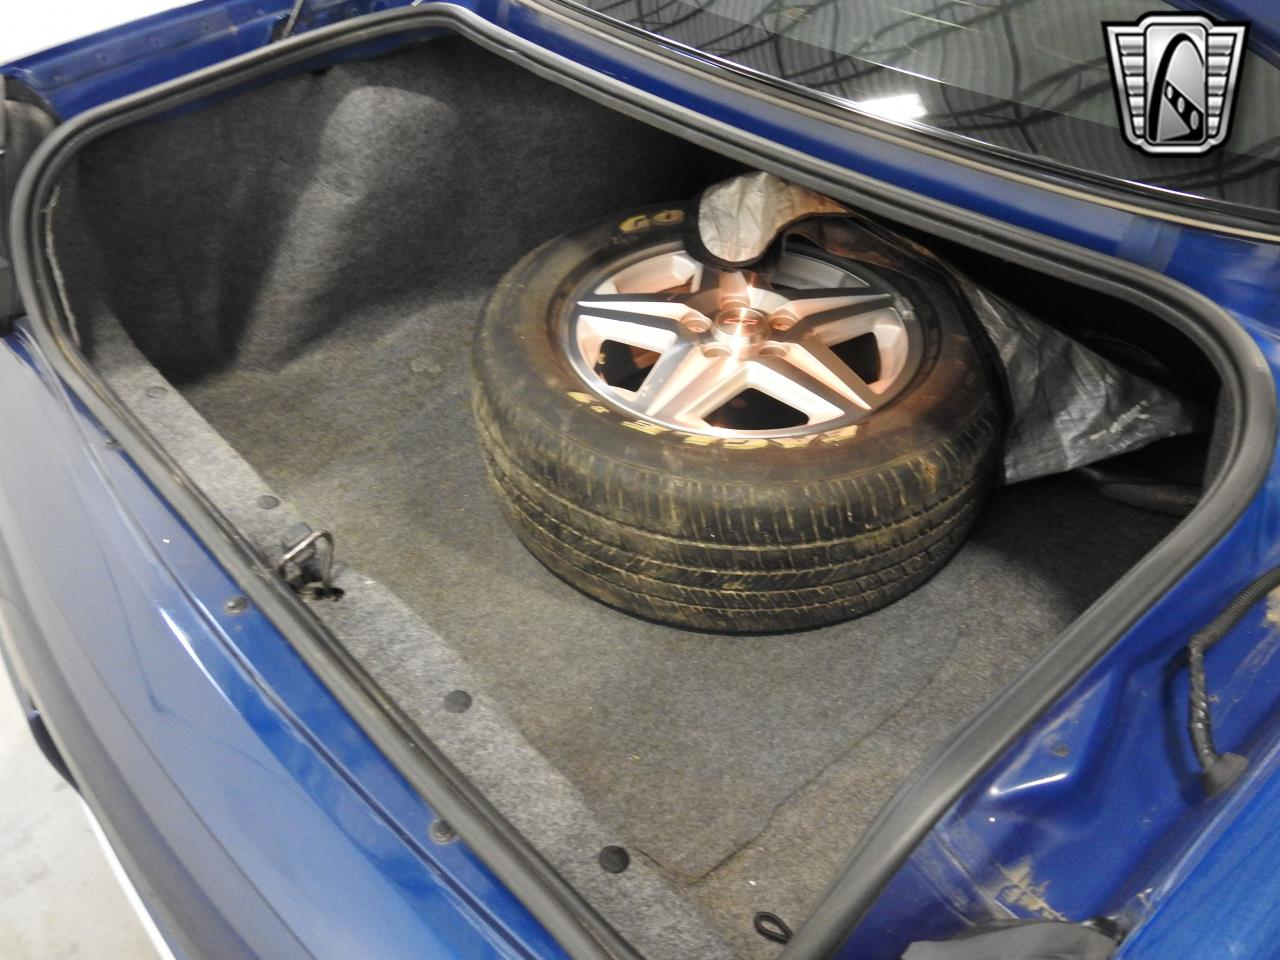 2003 Chevrolet Monte Carlo (CC-1353569) for sale in O'Fallon, Illinois